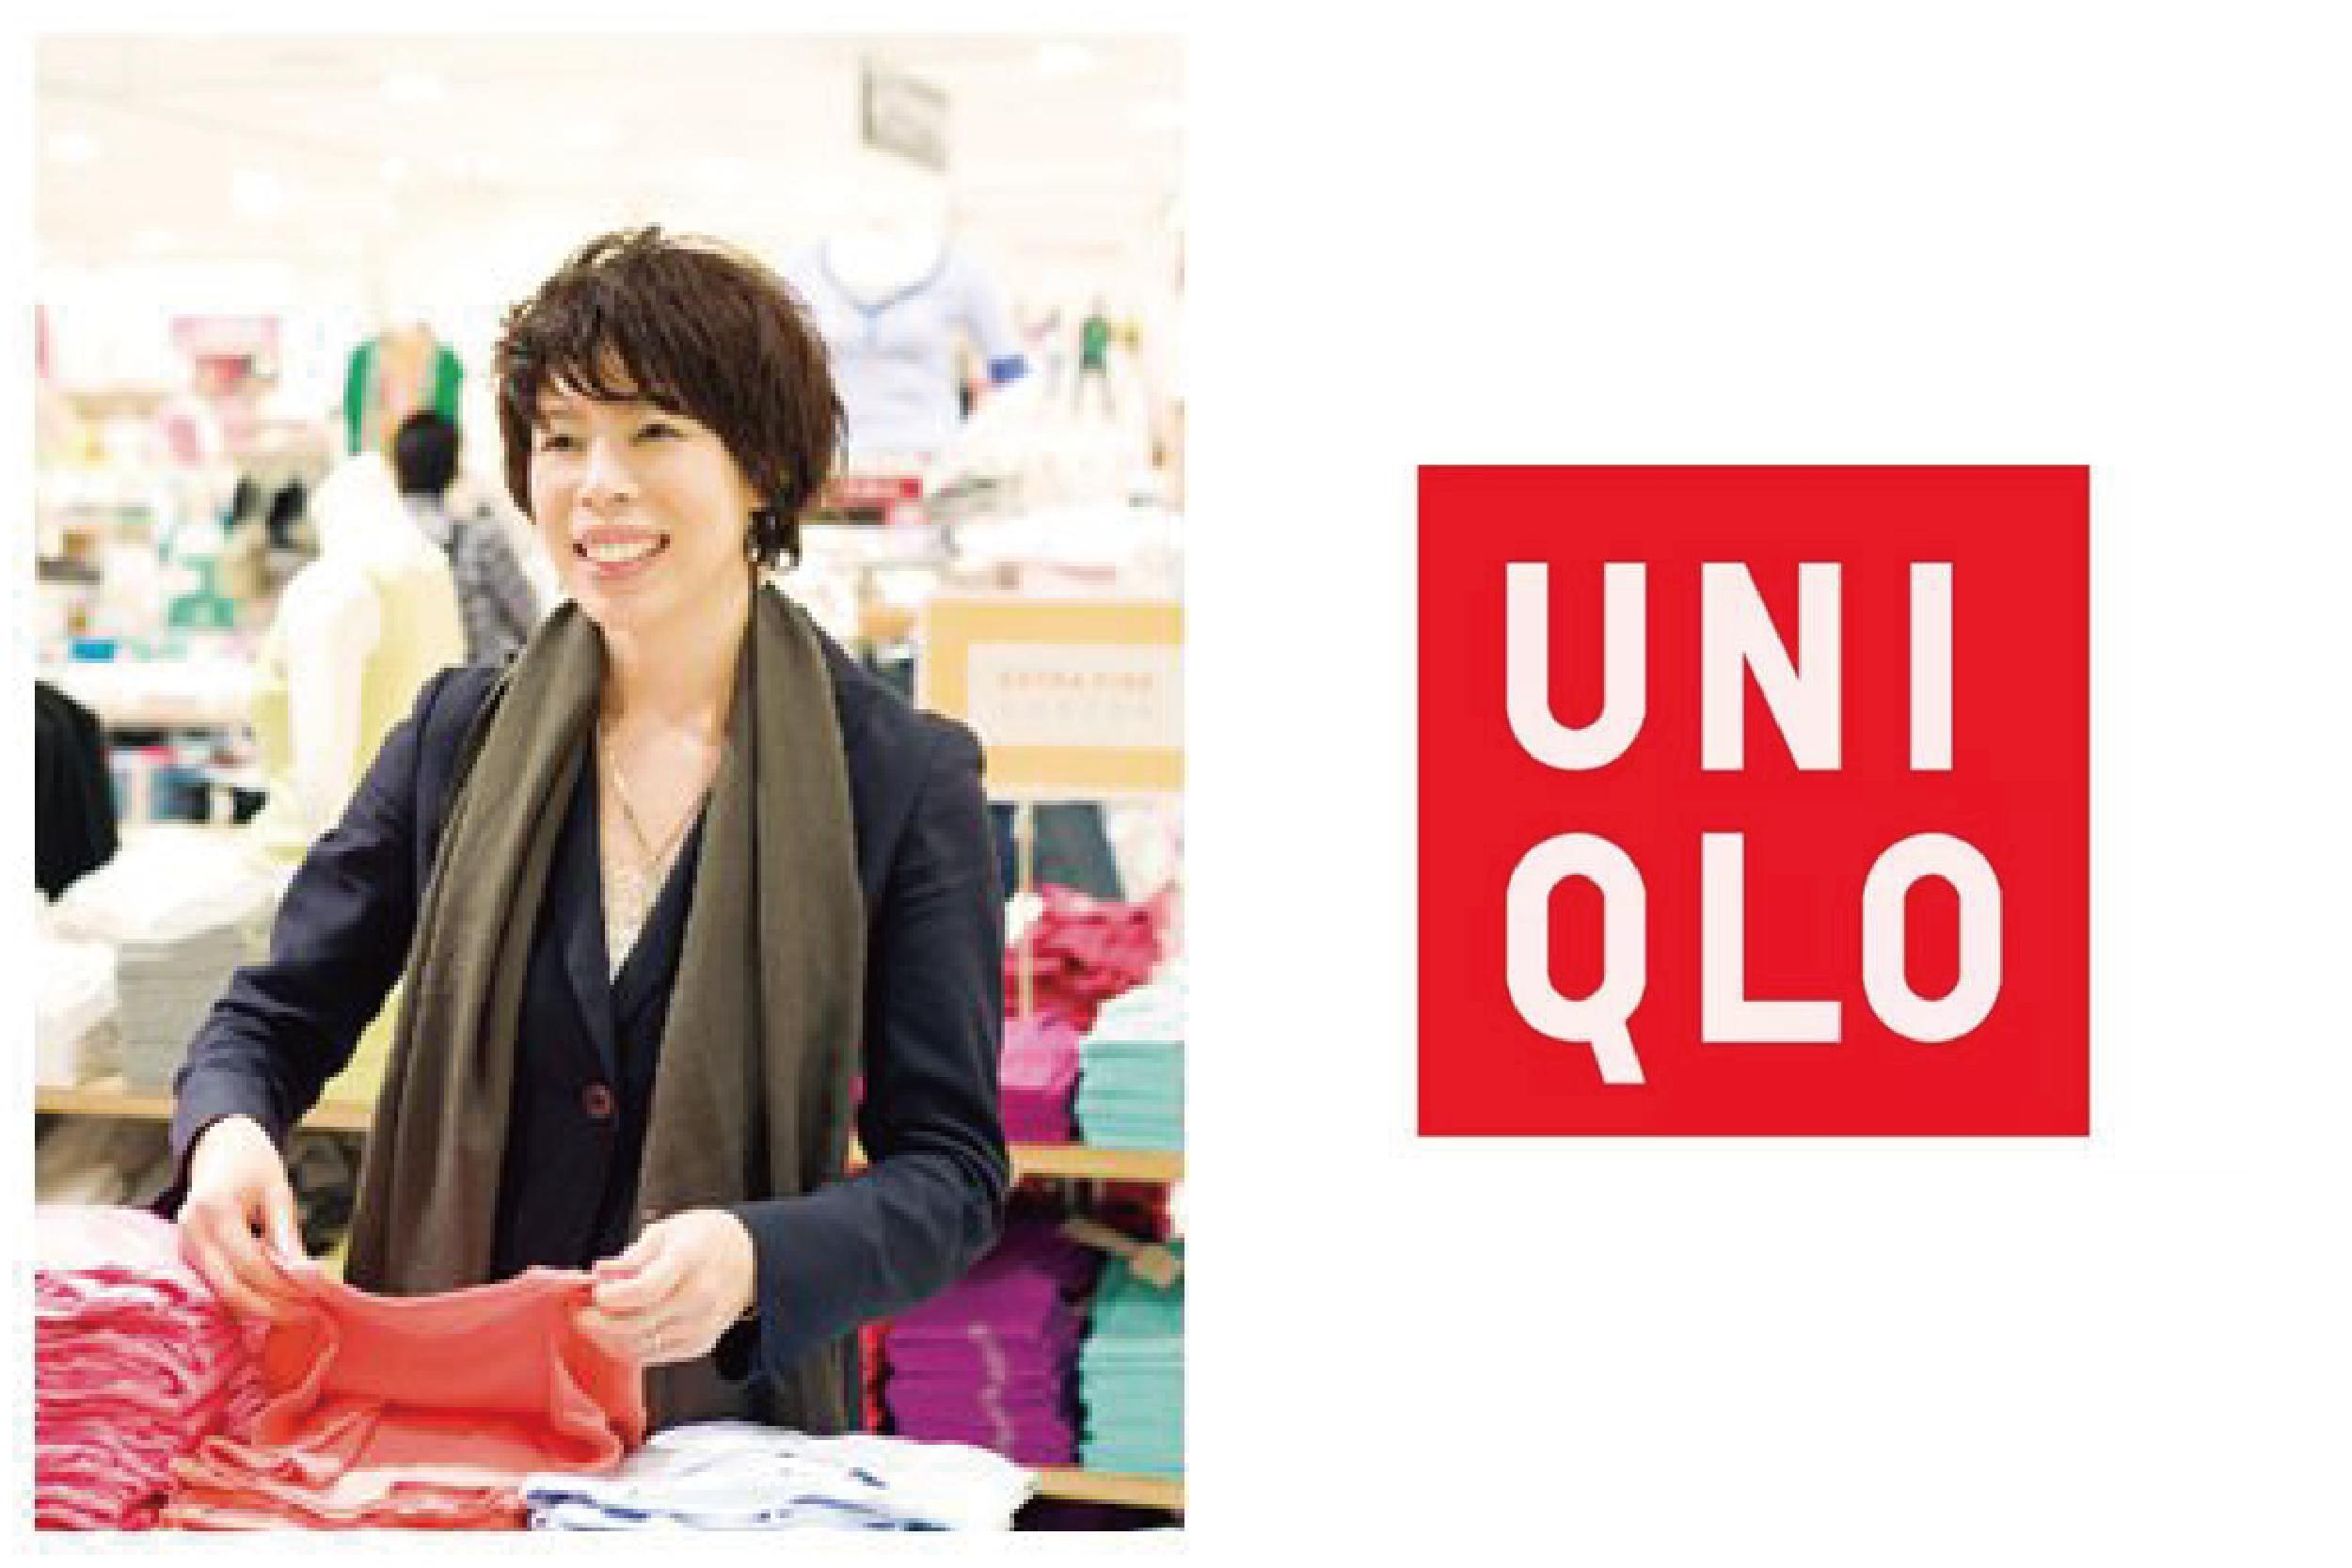 优衣库有了史上第一位女性CEO,目标将女性高管比例从36%提高到50%